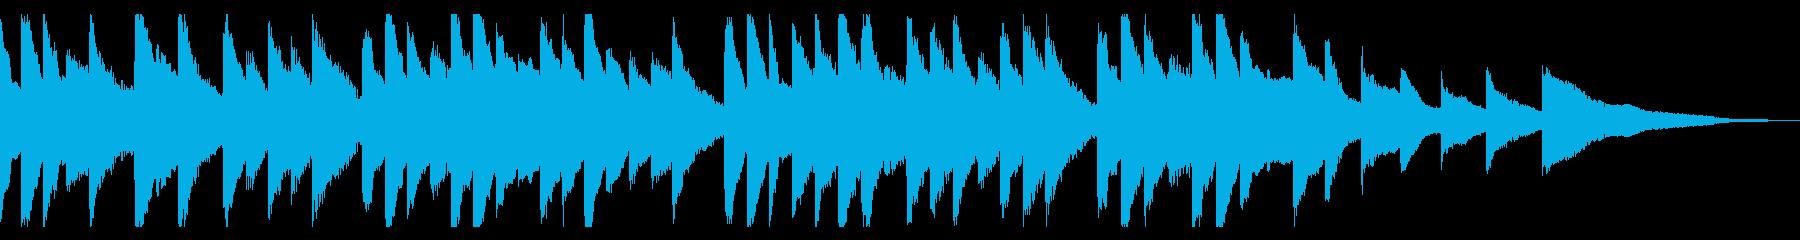 桜をイメージした切ないピアノのジングルの再生済みの波形